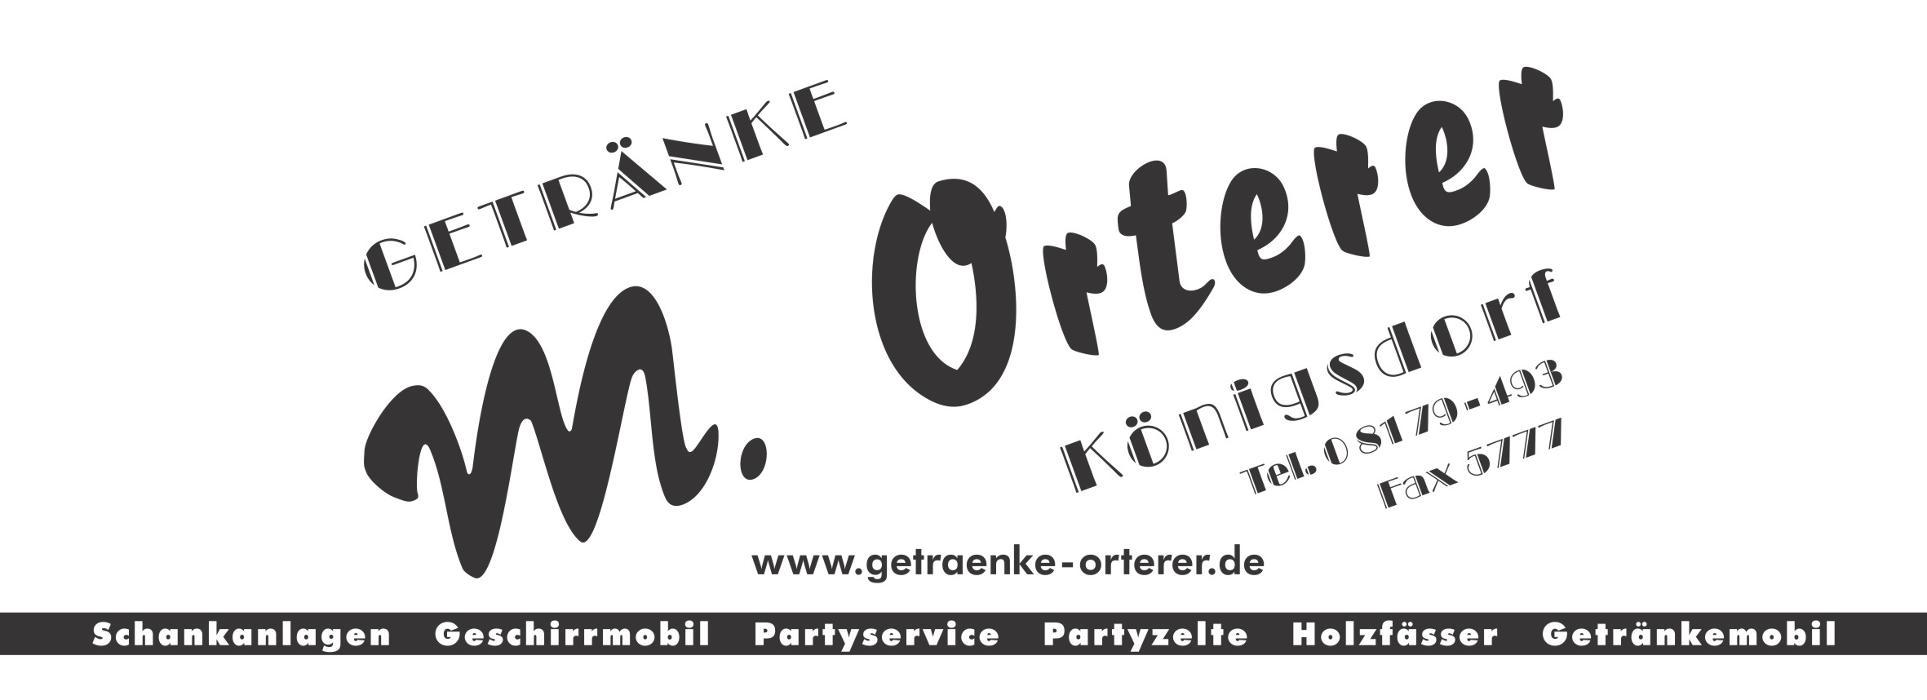 Getränke M. Orterer • Königsdorf, Hauptstraße 50 - Öffnungszeiten ...